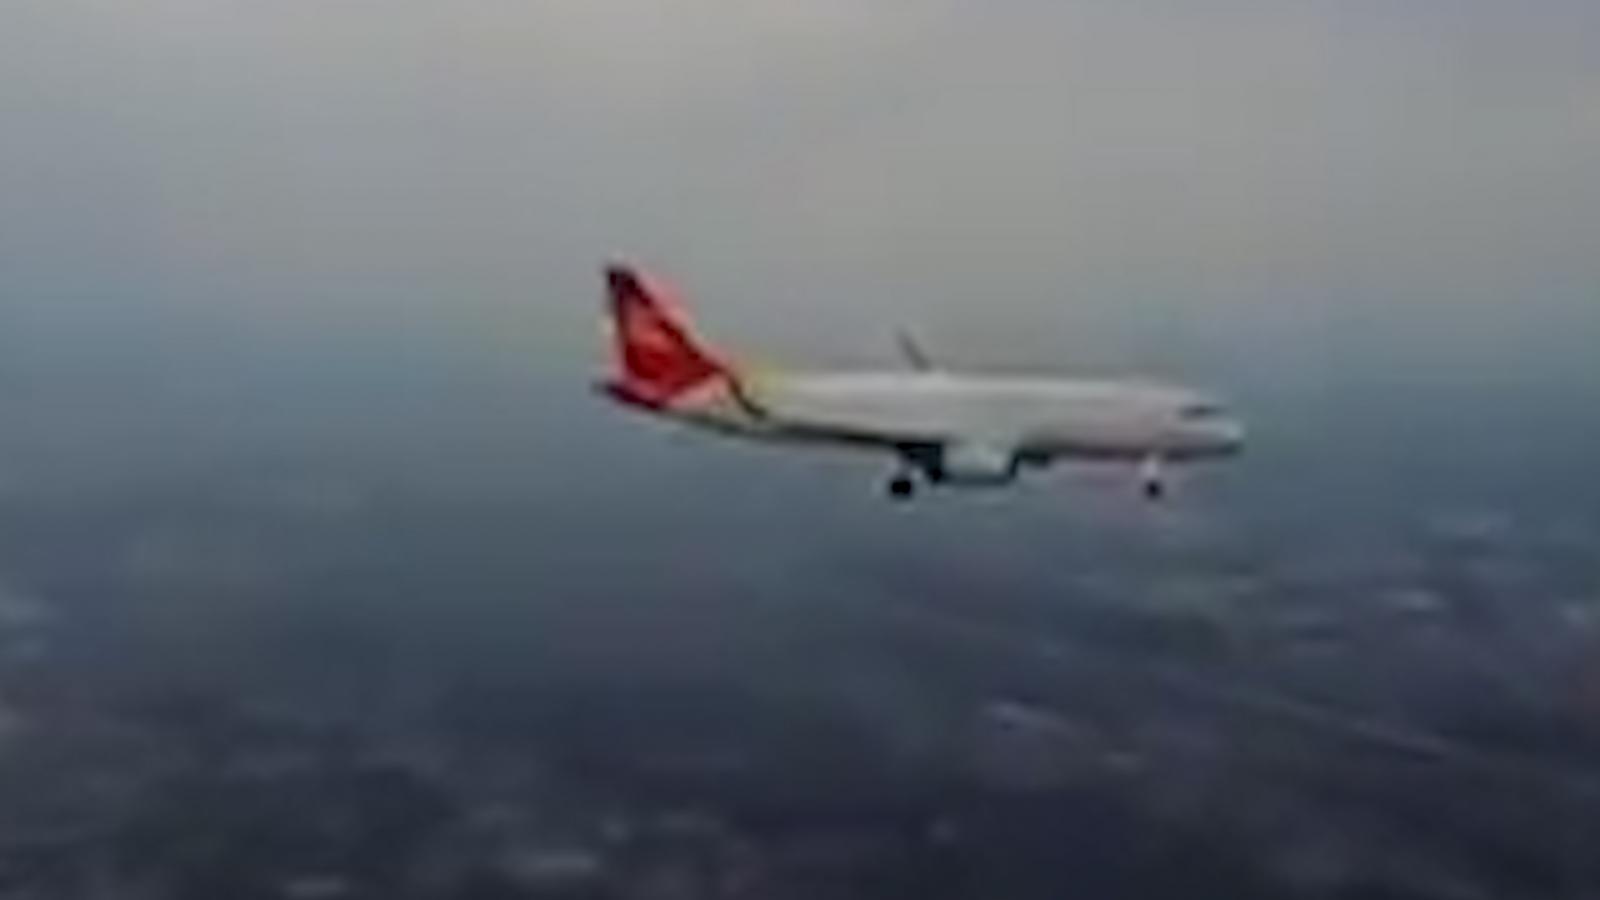 Man flies drone by plane